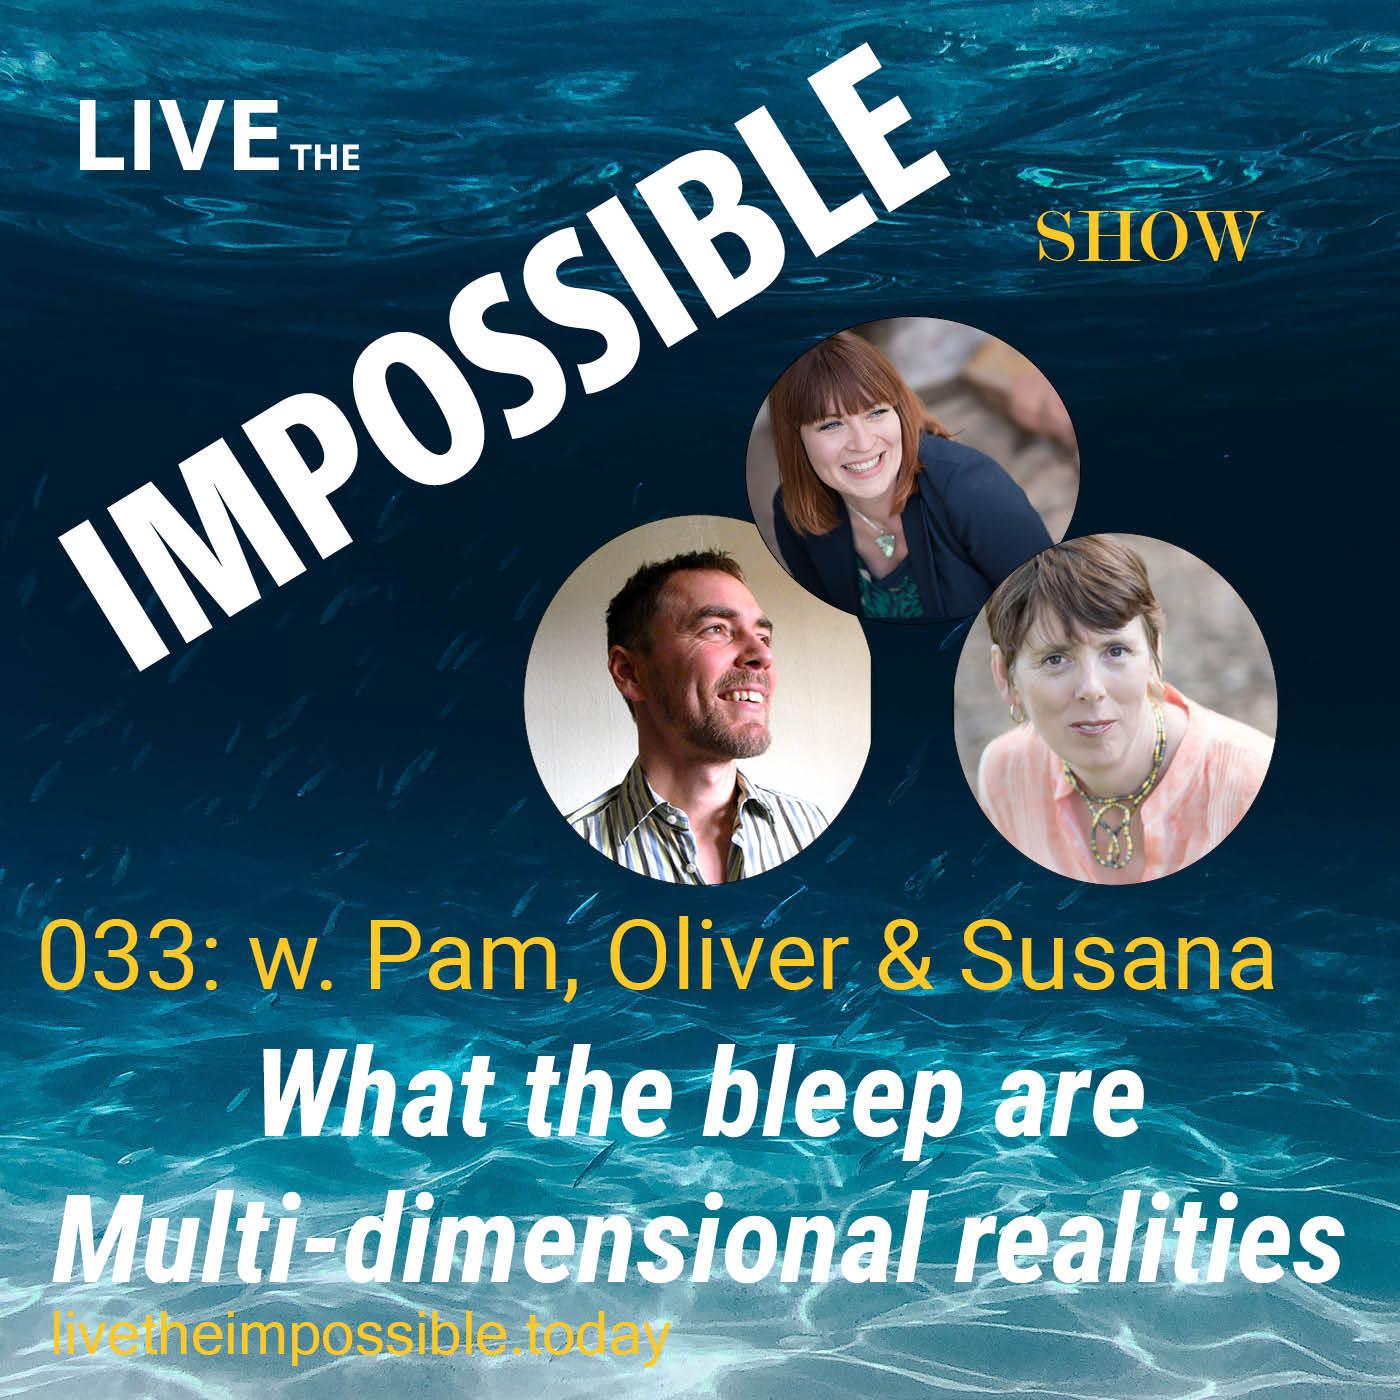 multidimensional realities